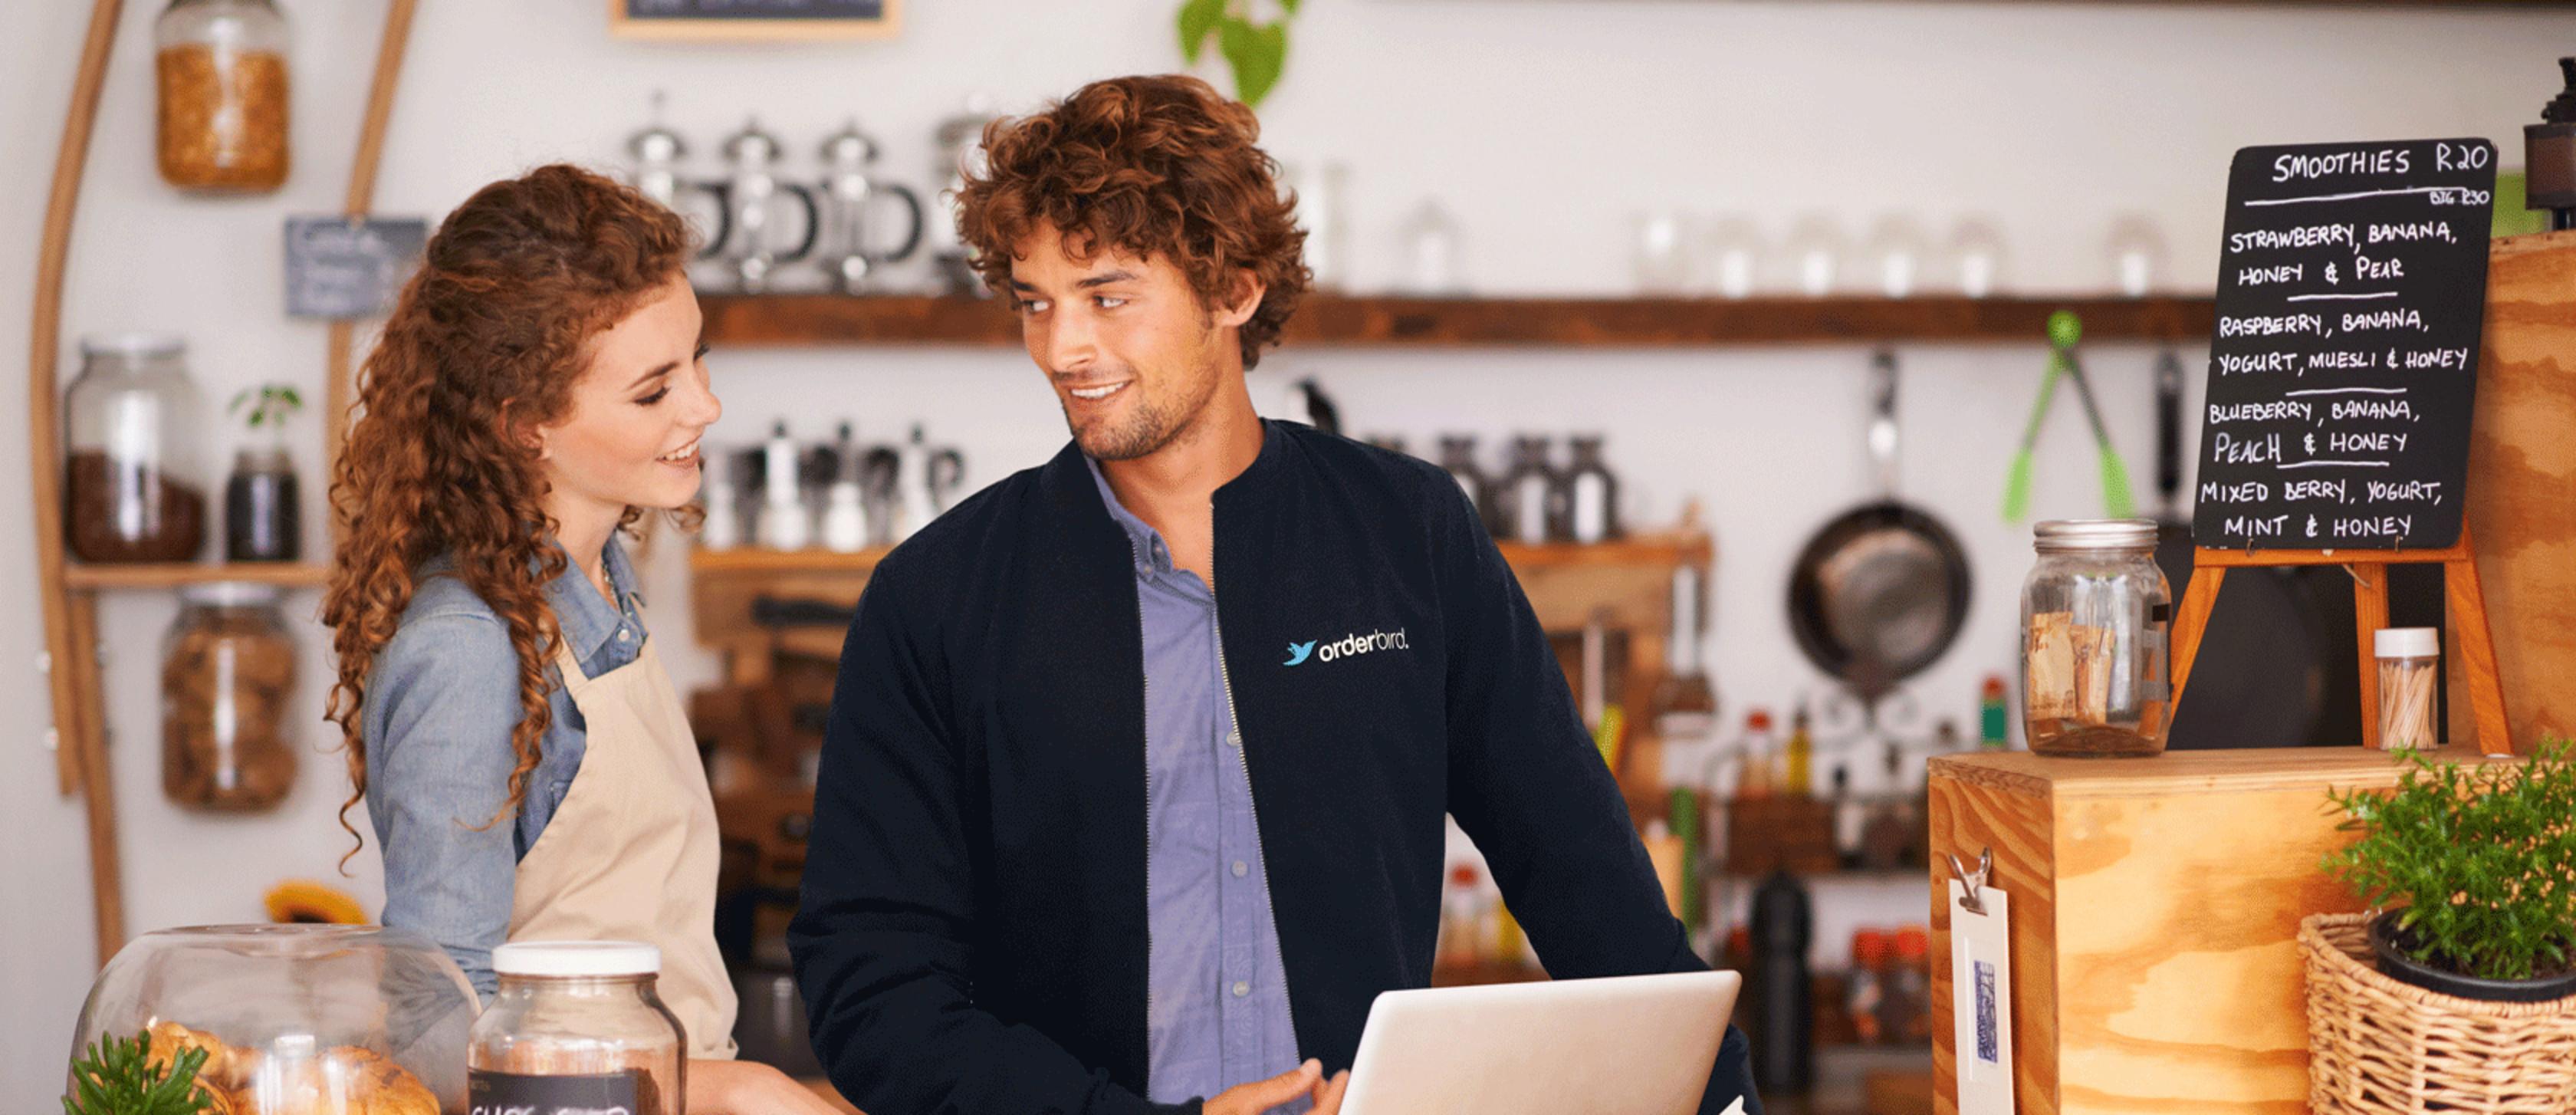 orderbird Mitarbeiter im Gespräch mit Gastronom